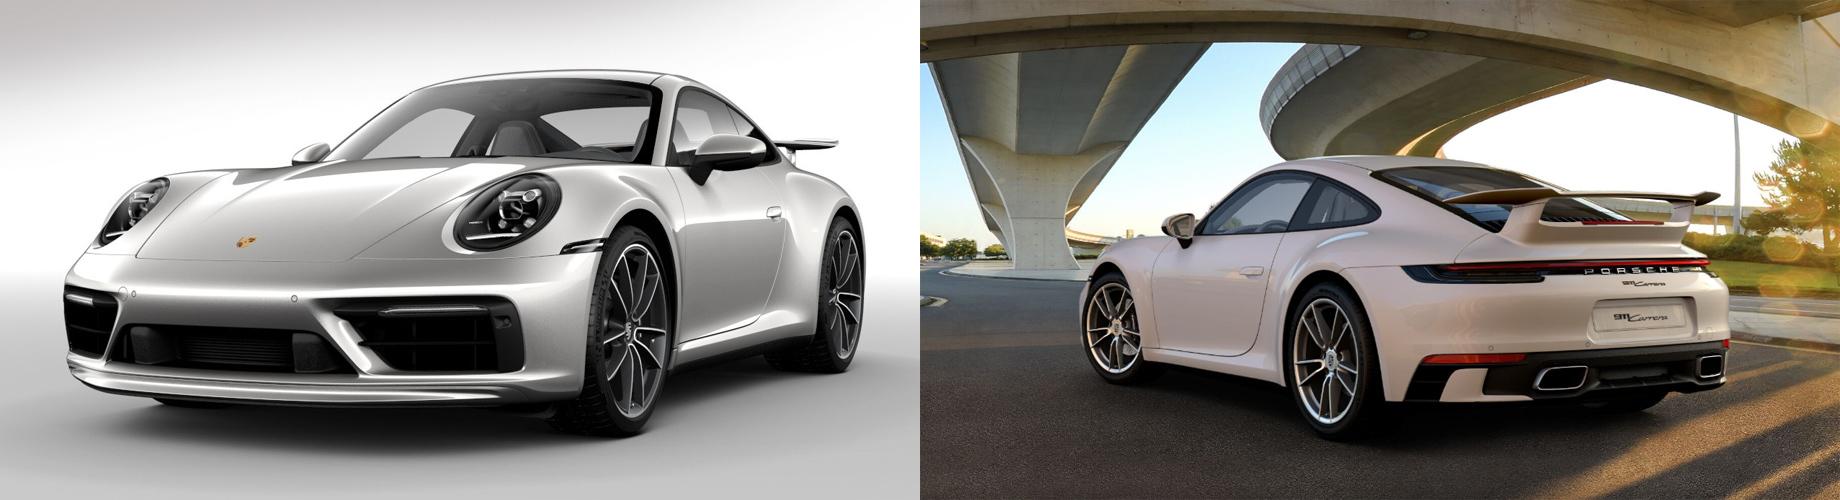 Отделение Porsche Exclusive научило Карреру выглядеть как GT3